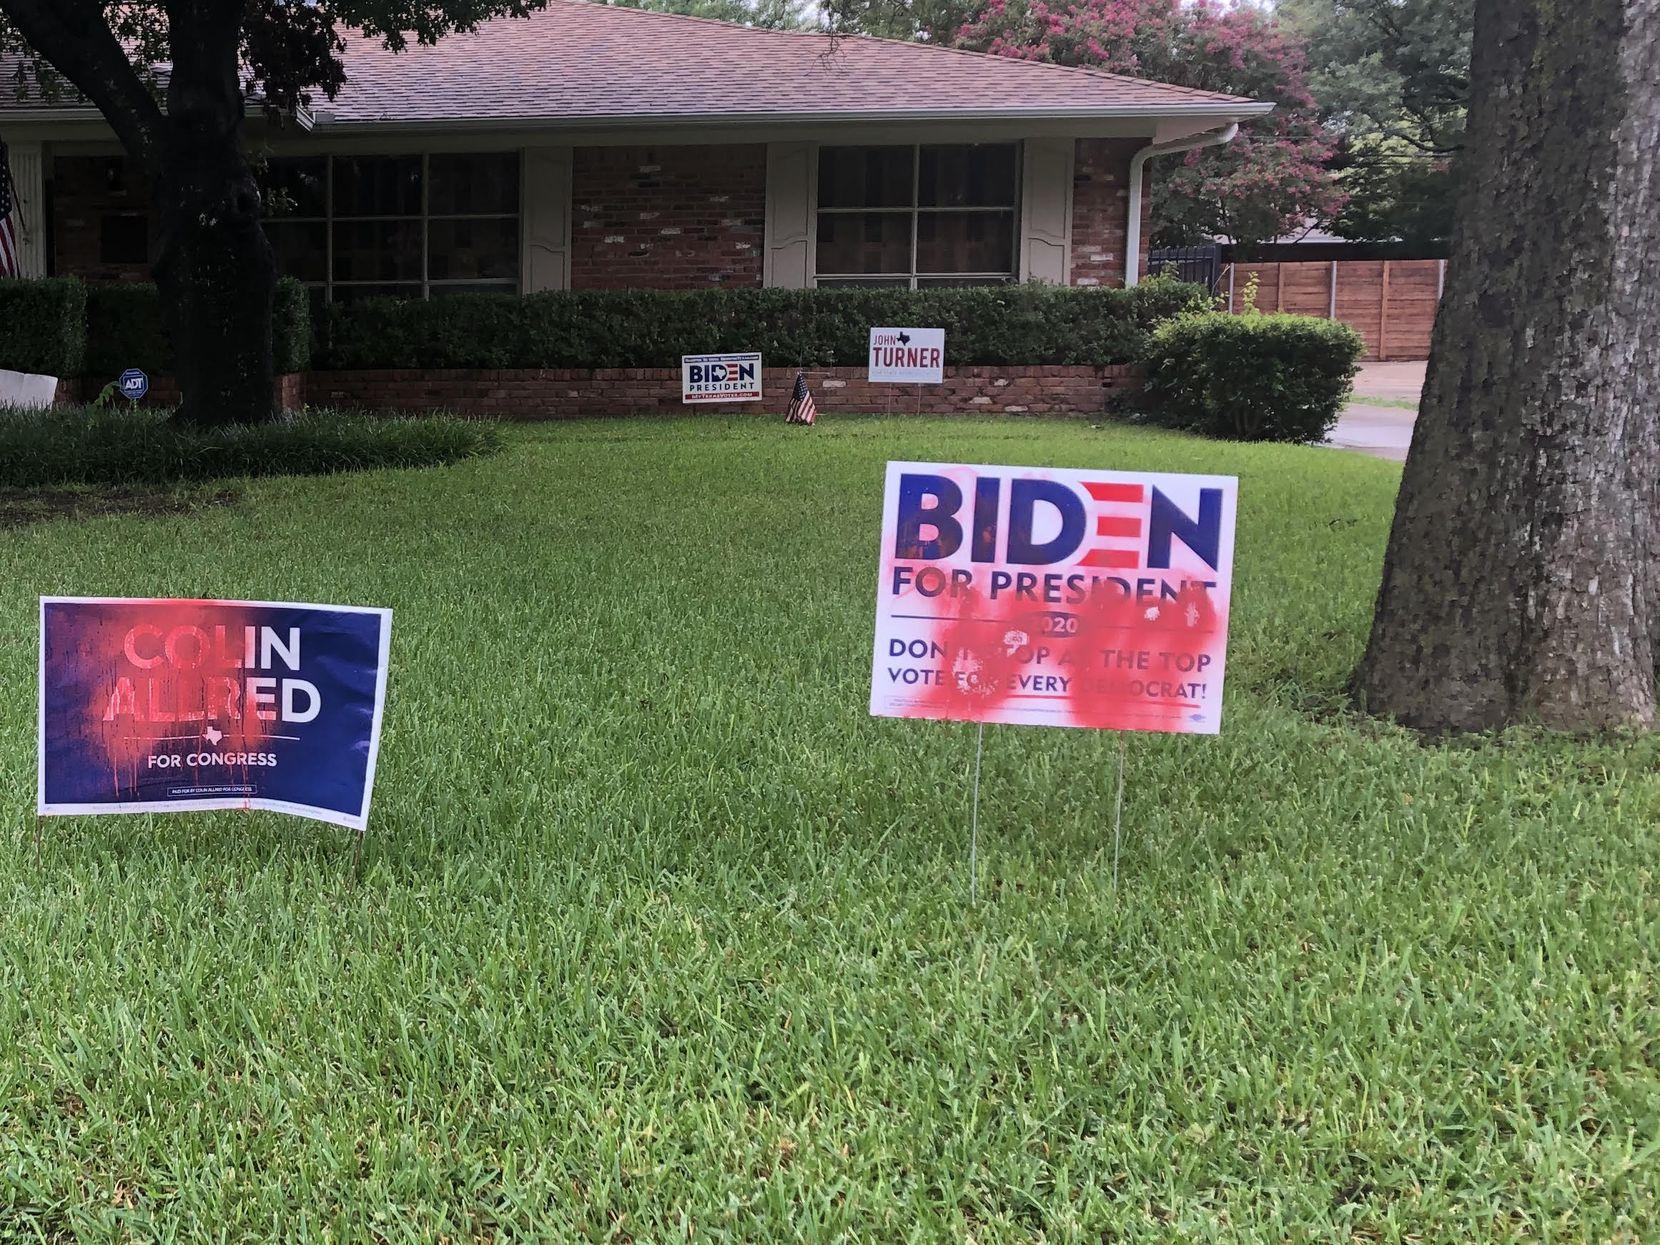 Trump Or Biden Dallas Area Neighbors Face Off Over Political Signs